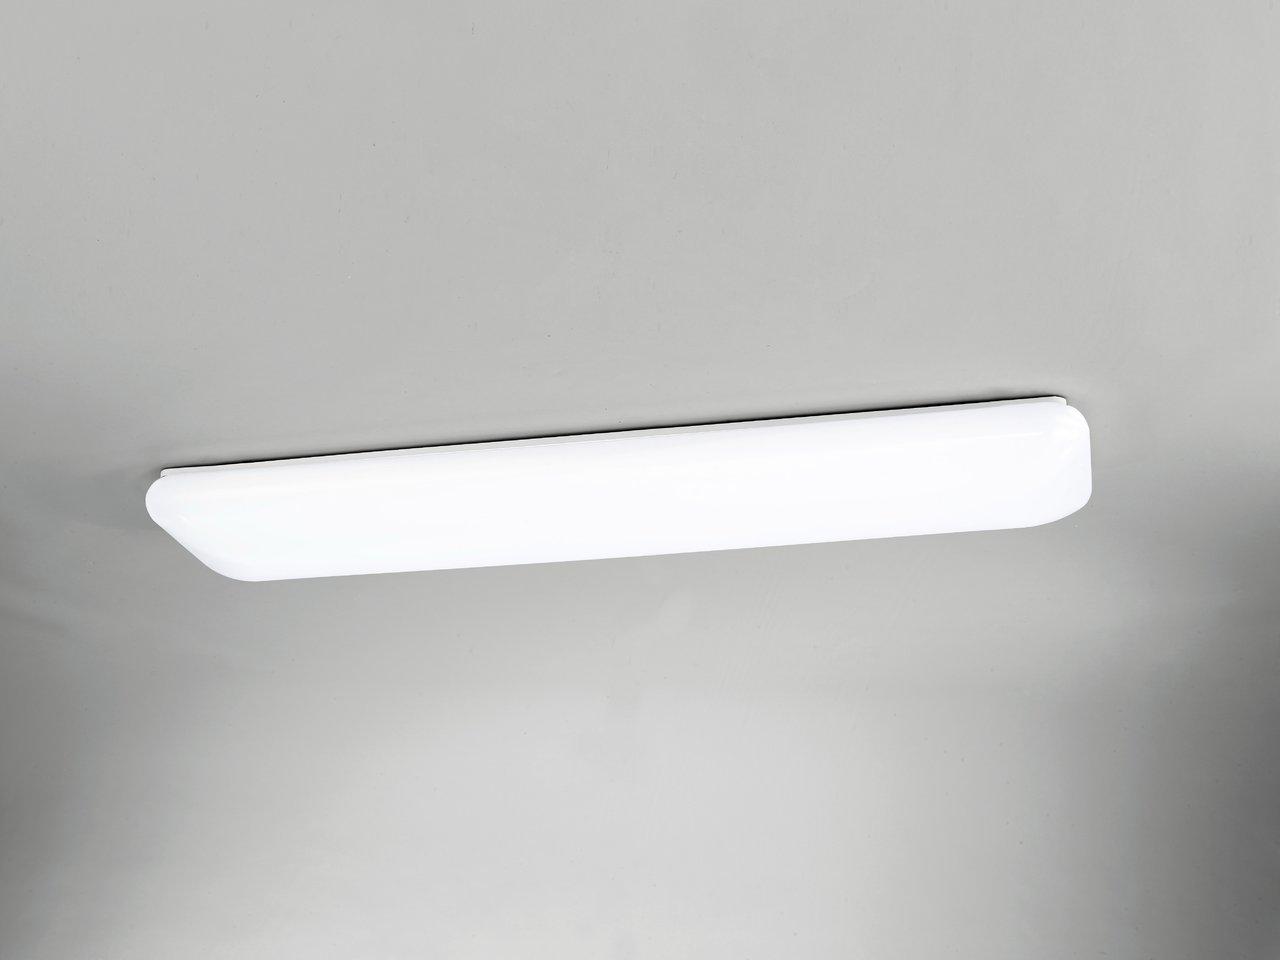 Mantra rectangle plafonnier led rectangulaire 3800 lm 4000k - Plafones de led ...